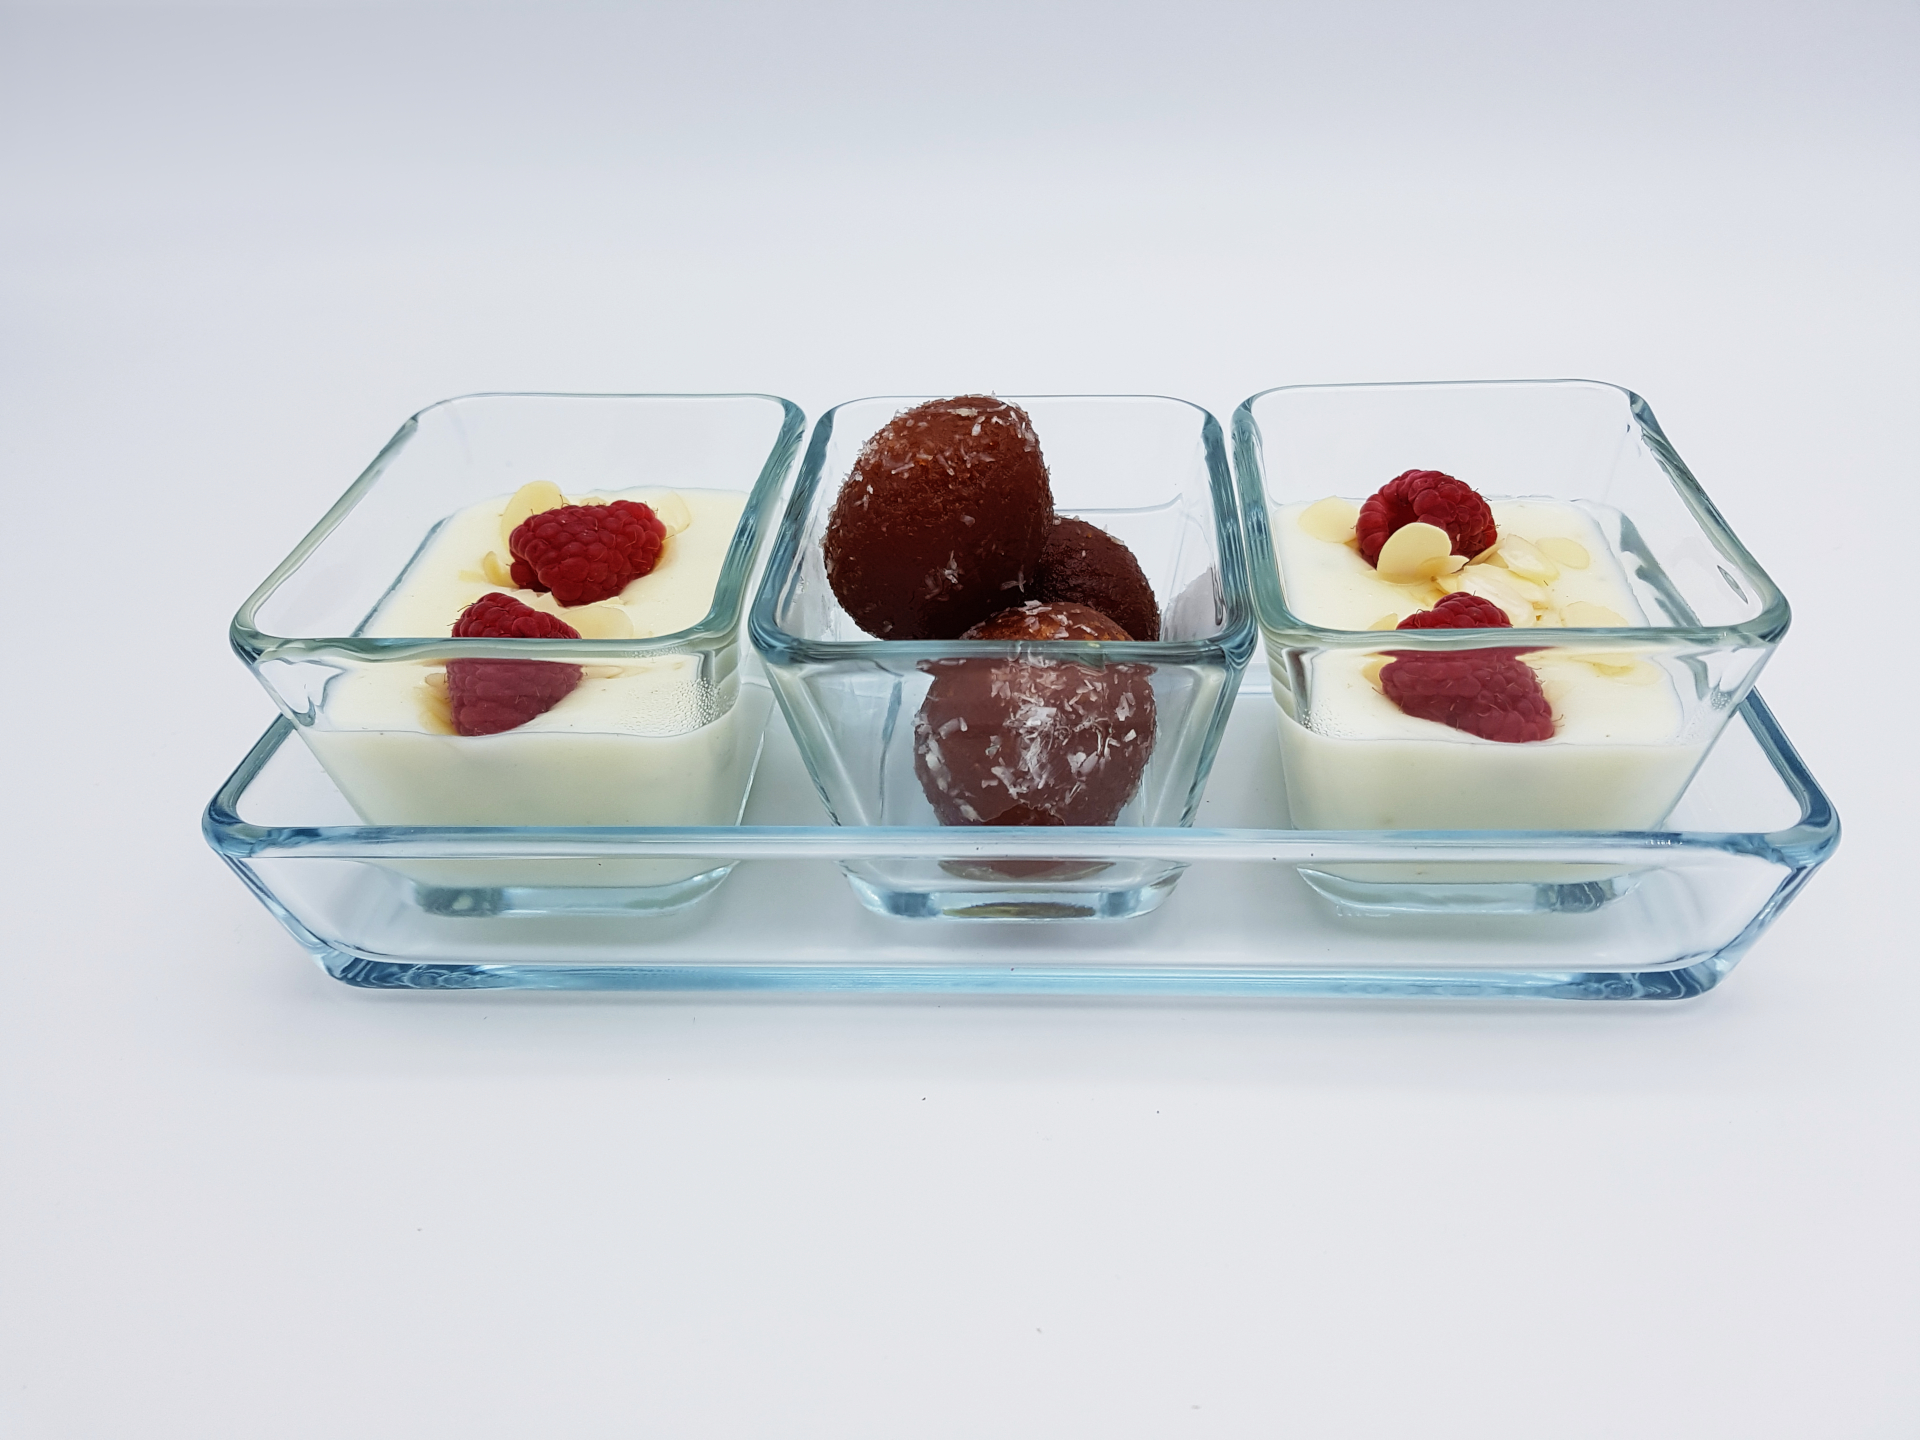 Leckere Nachspeise wie z.B. Pudding oder afghanisches Eis finden Sie bei uns im Restaurant Kabul in Wuppertal.